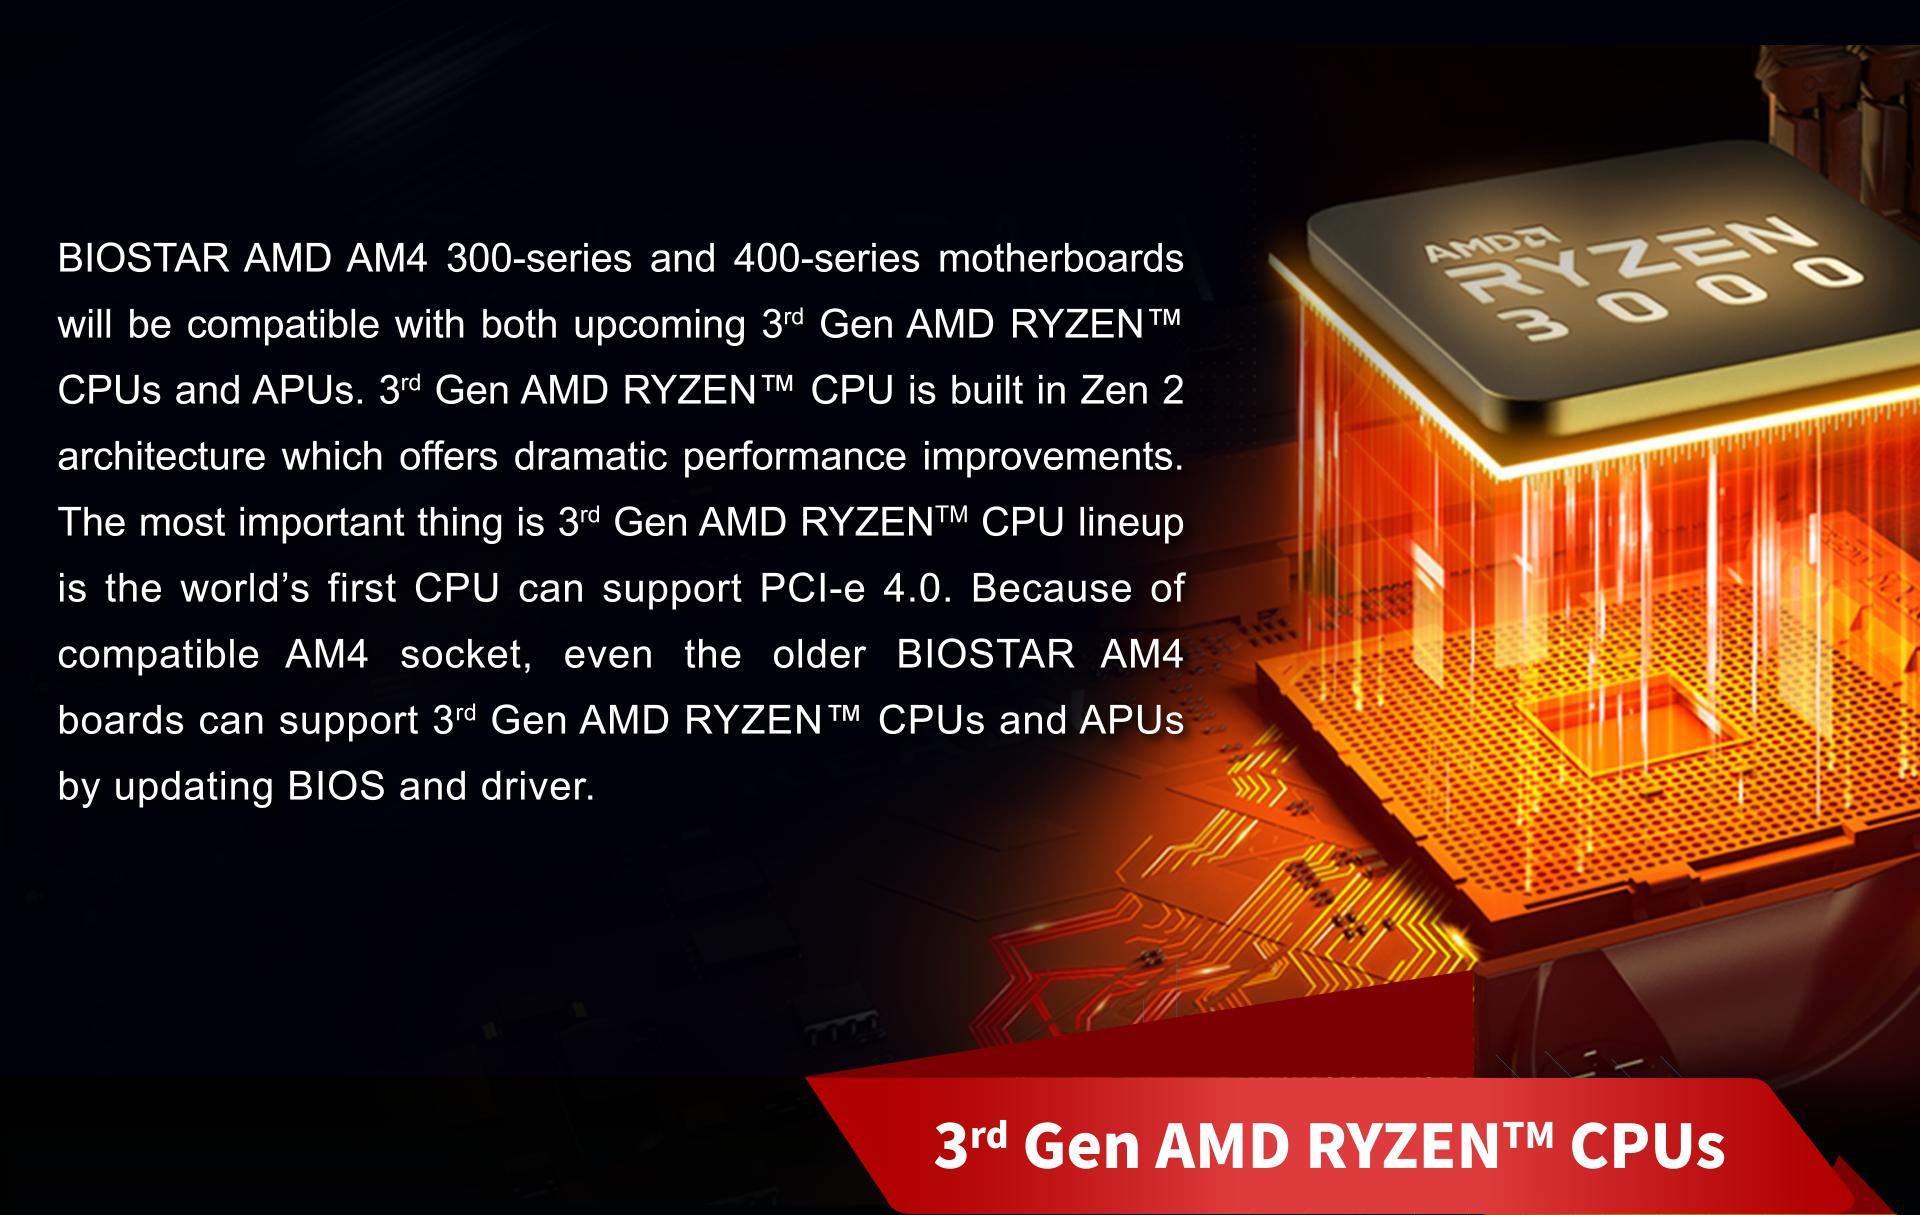 BIOSTAR Socket AM4 Motherboards All Ready for AMD Ryzen Raven Ridge APUs